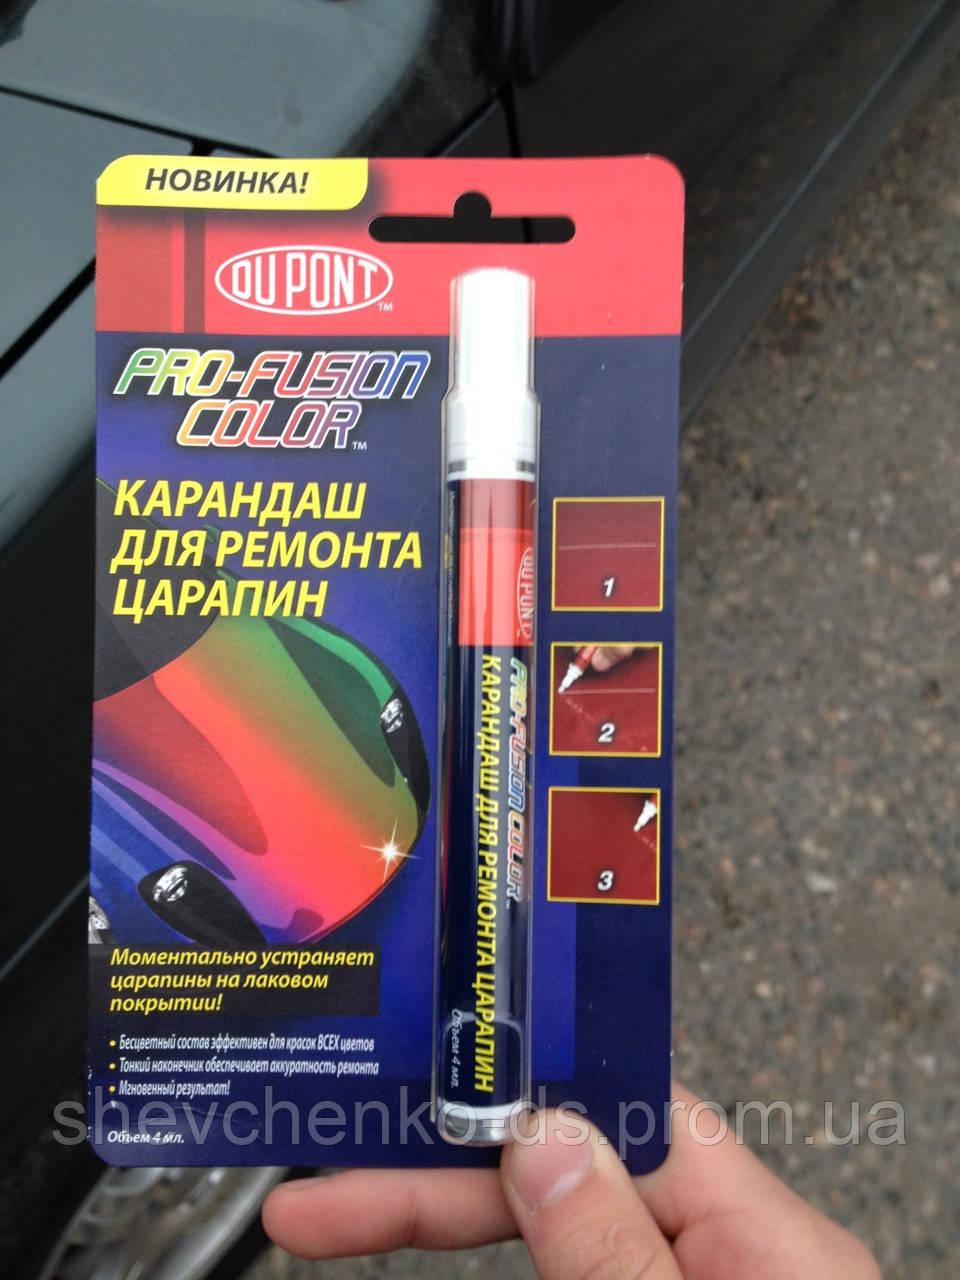 Карандаш для ремонта царапин DuPont™ Pro-Fusion Color - ЧП Шевченко в Днепропетровской области